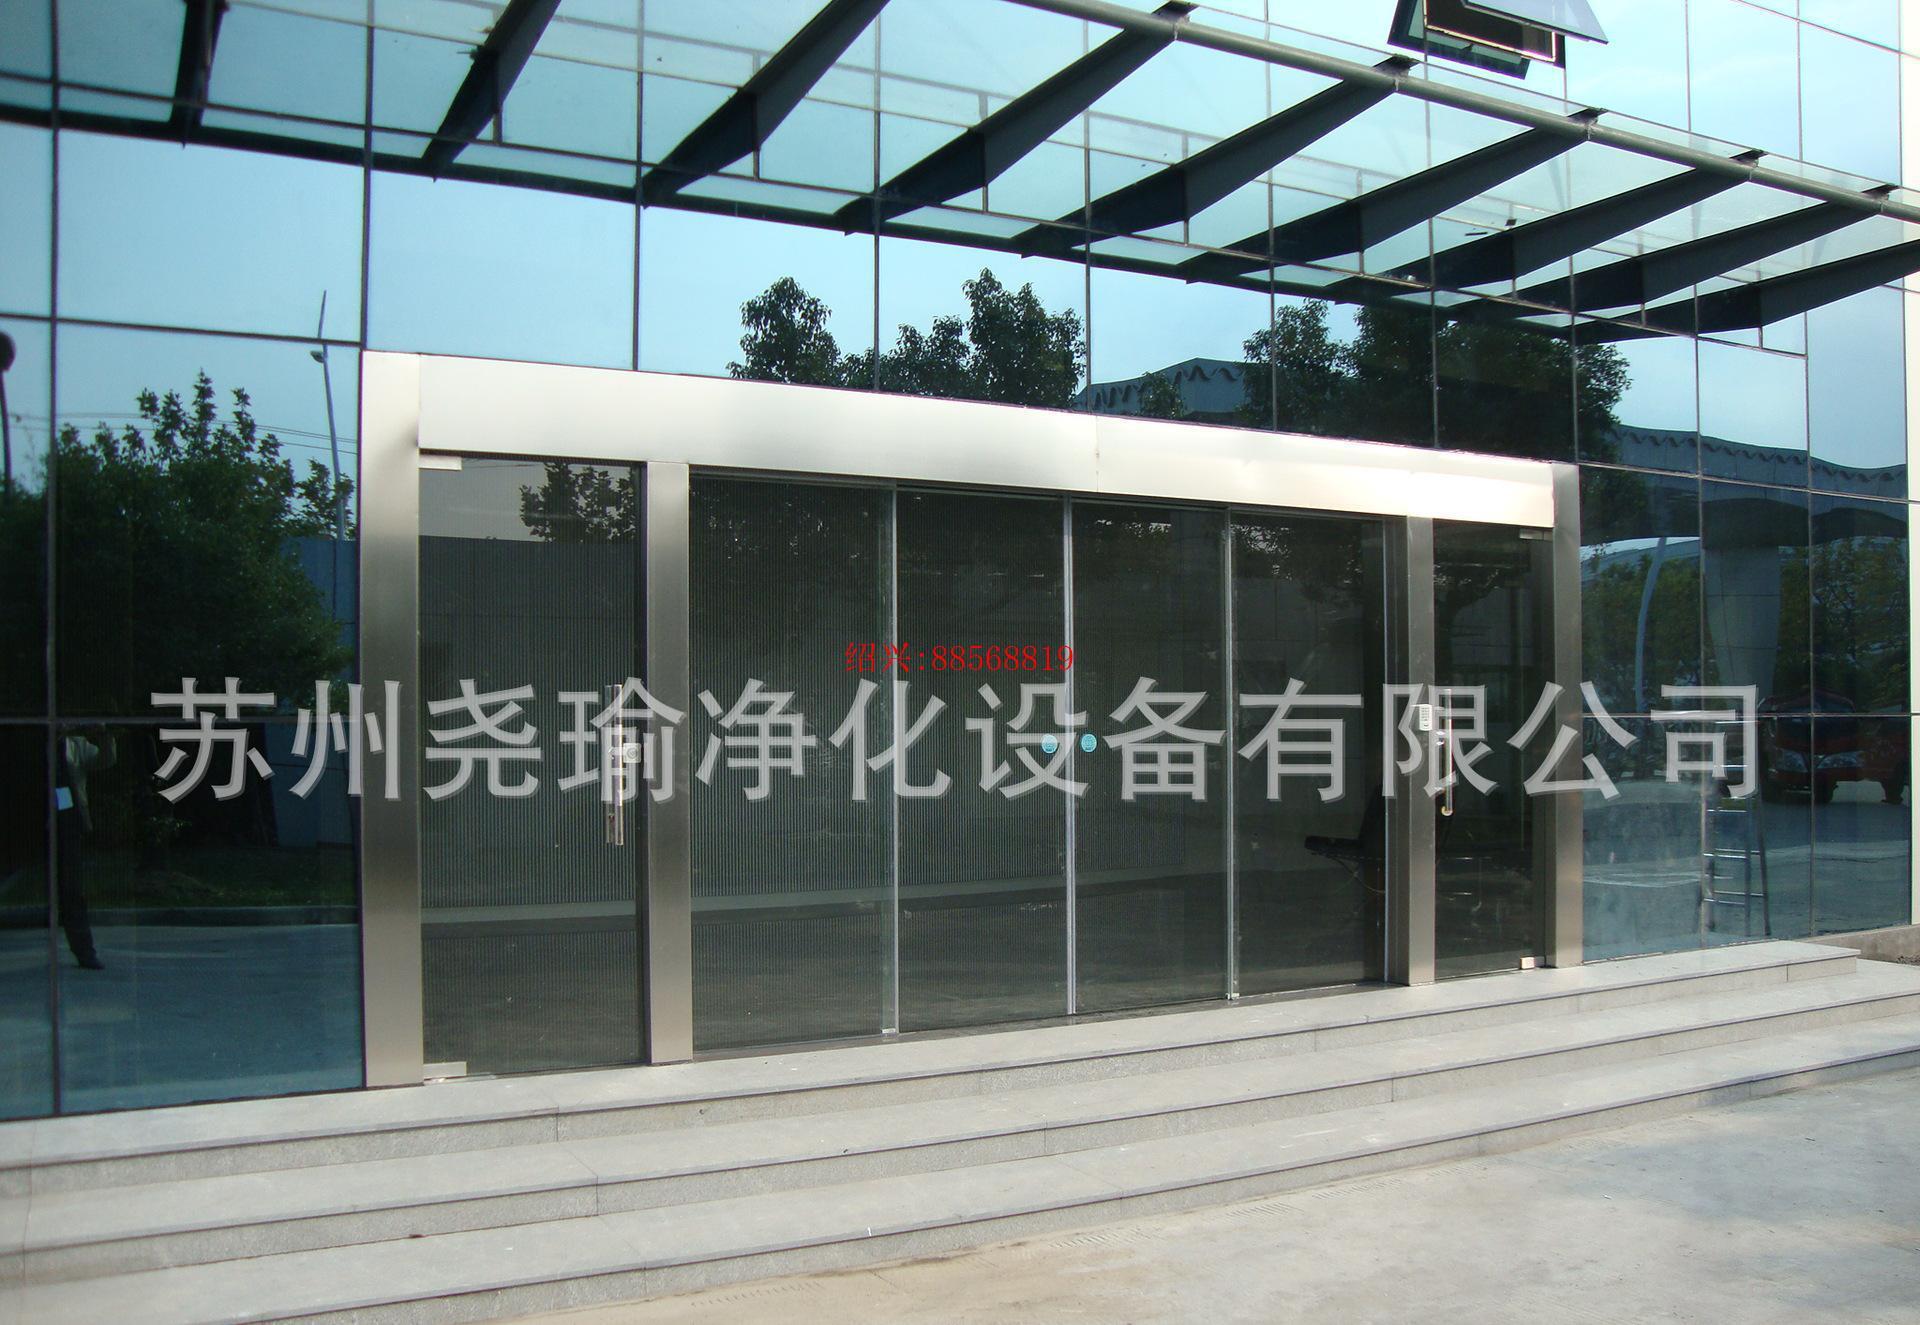 绍兴全镇镇自动平移门 玻璃自动门 感应平移门 电动门批发